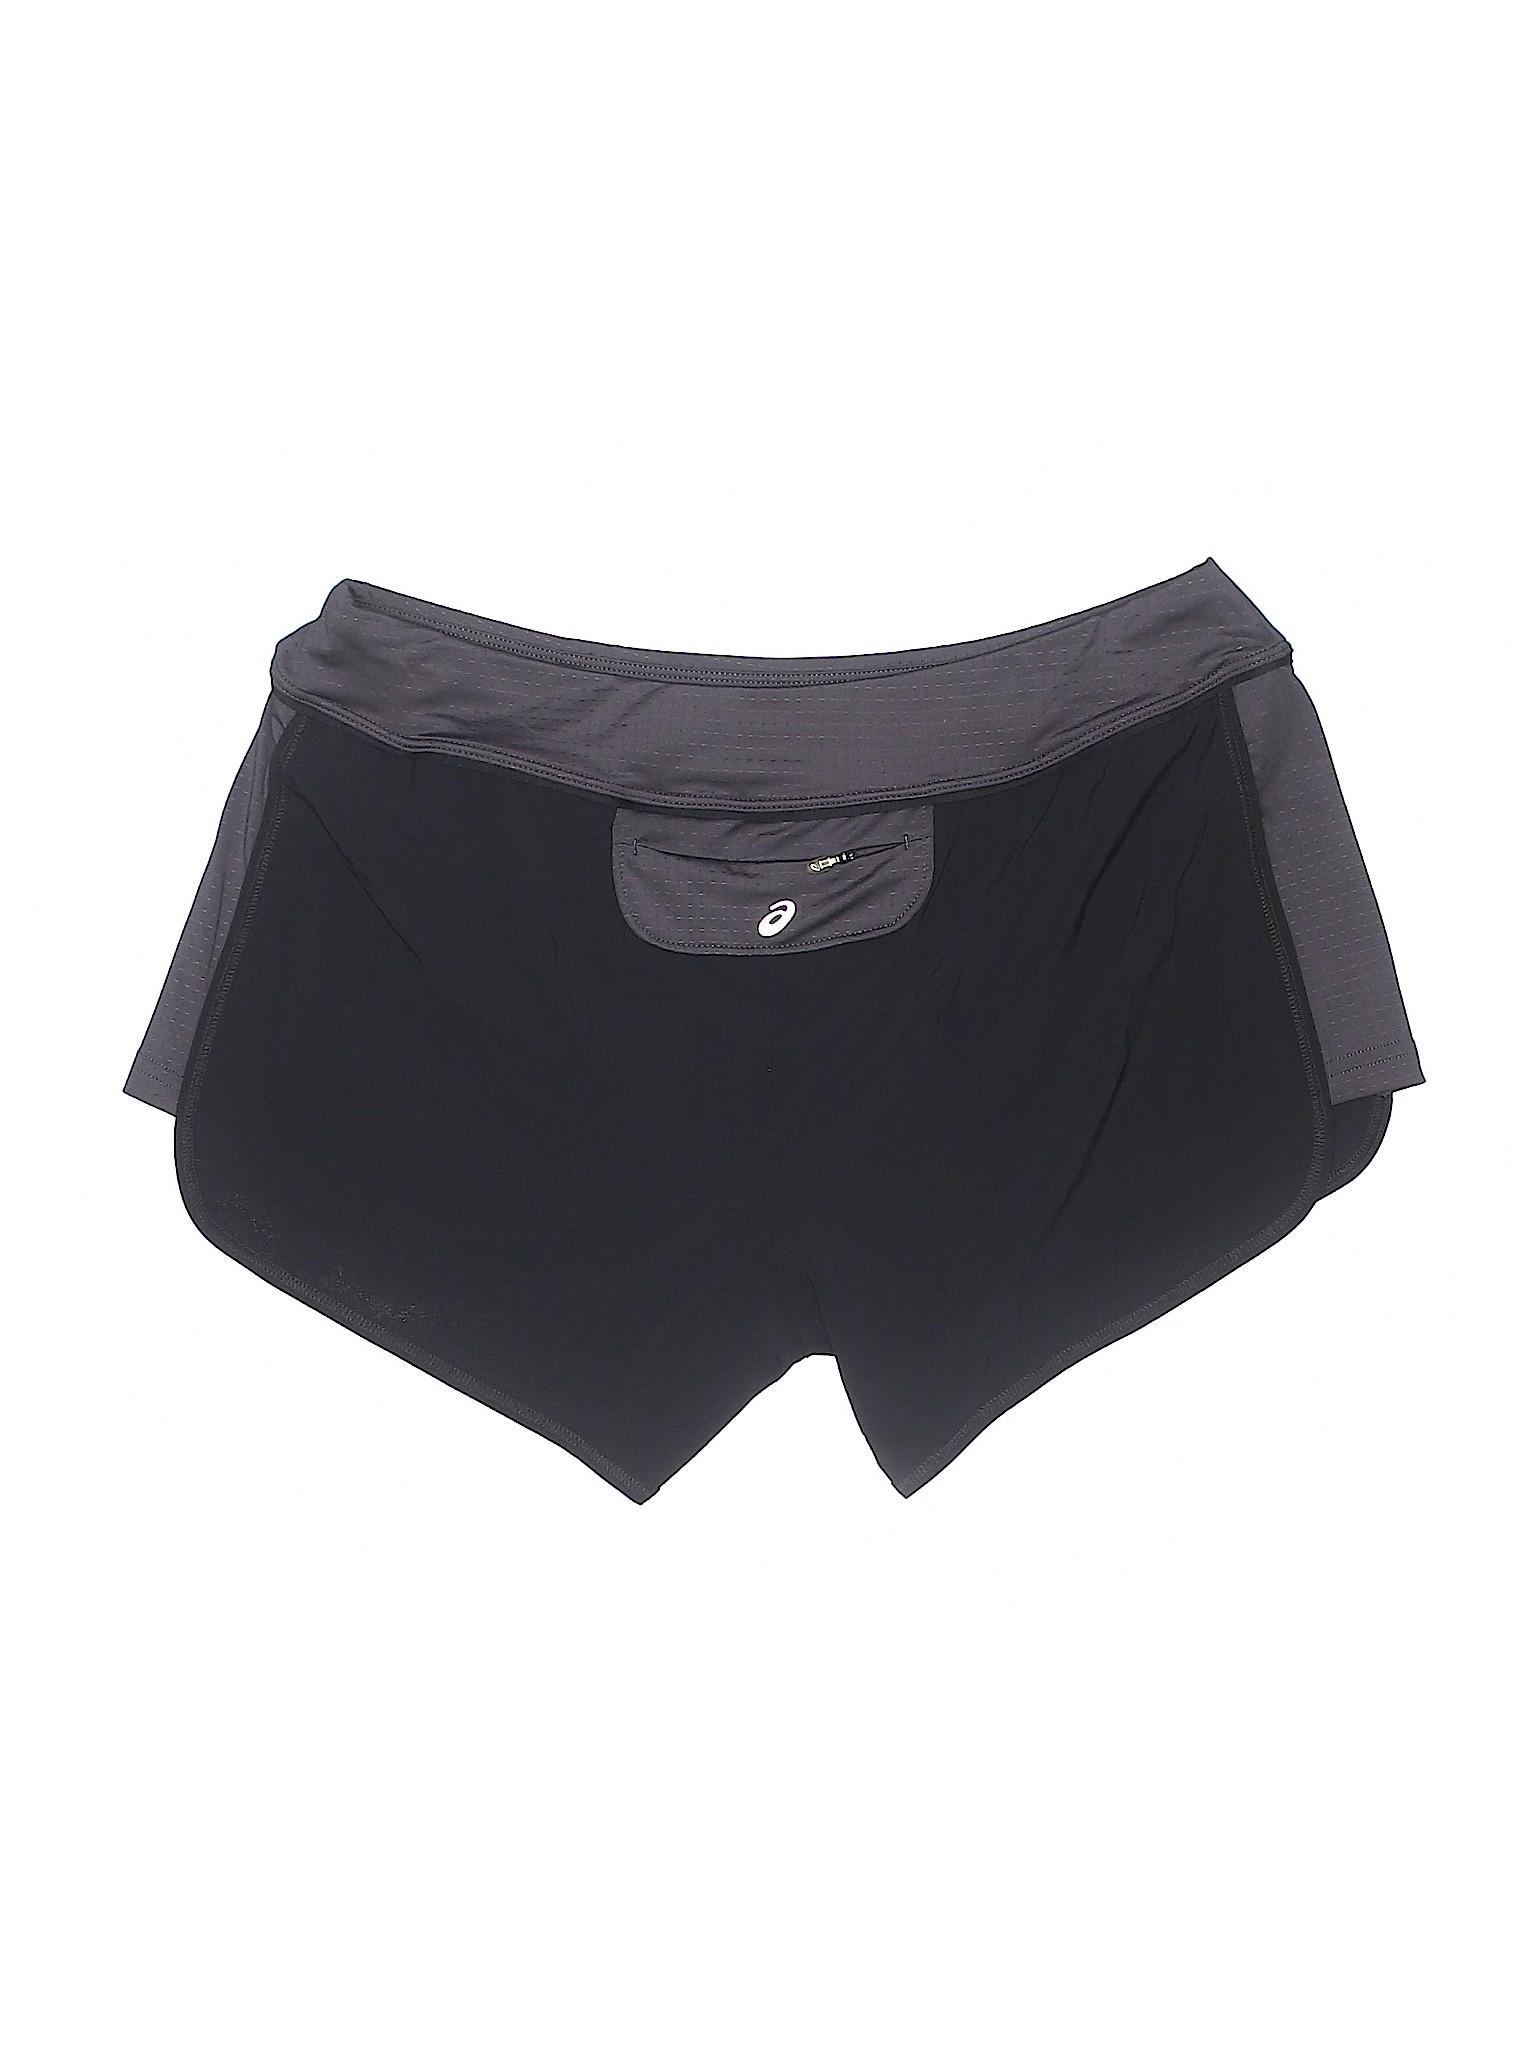 Boutique Boutique Shorts Asics winter winter Athletic rZxq5rzw